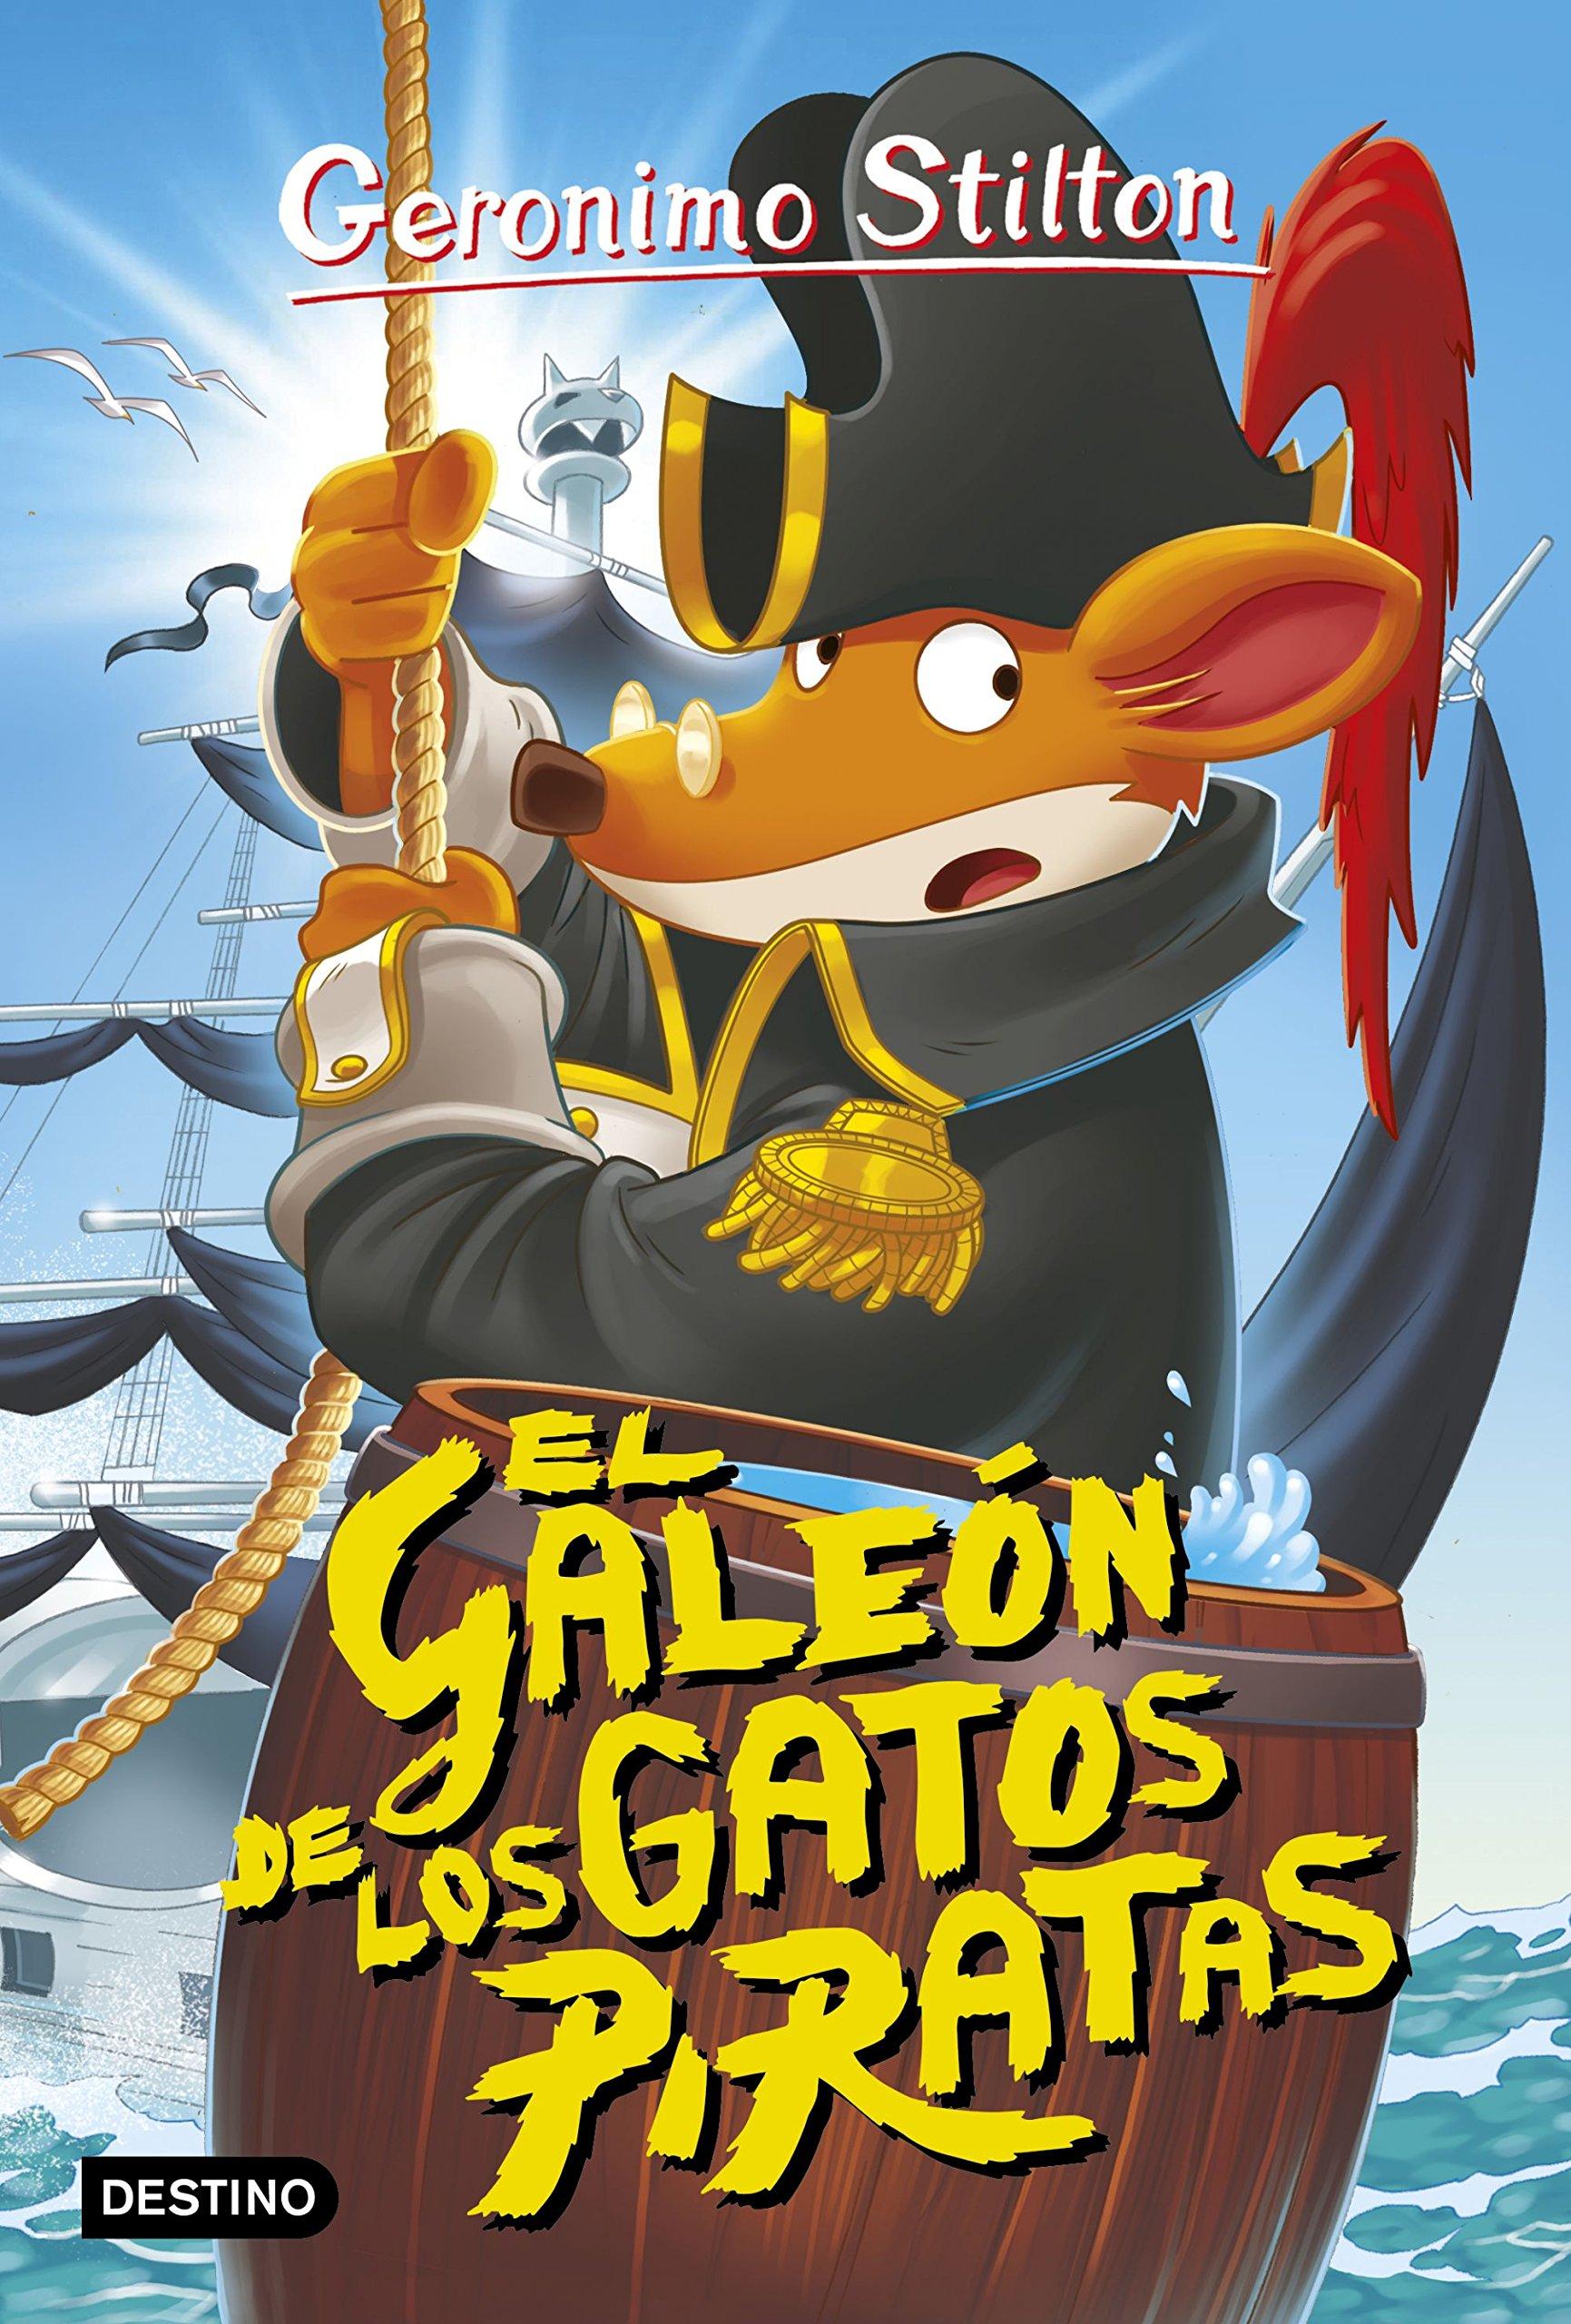 El galeón de los gatos piratas: Geronimo Stilton 8: Amazon.es: Geronimo Stilton, Manuel Manzano: Libros